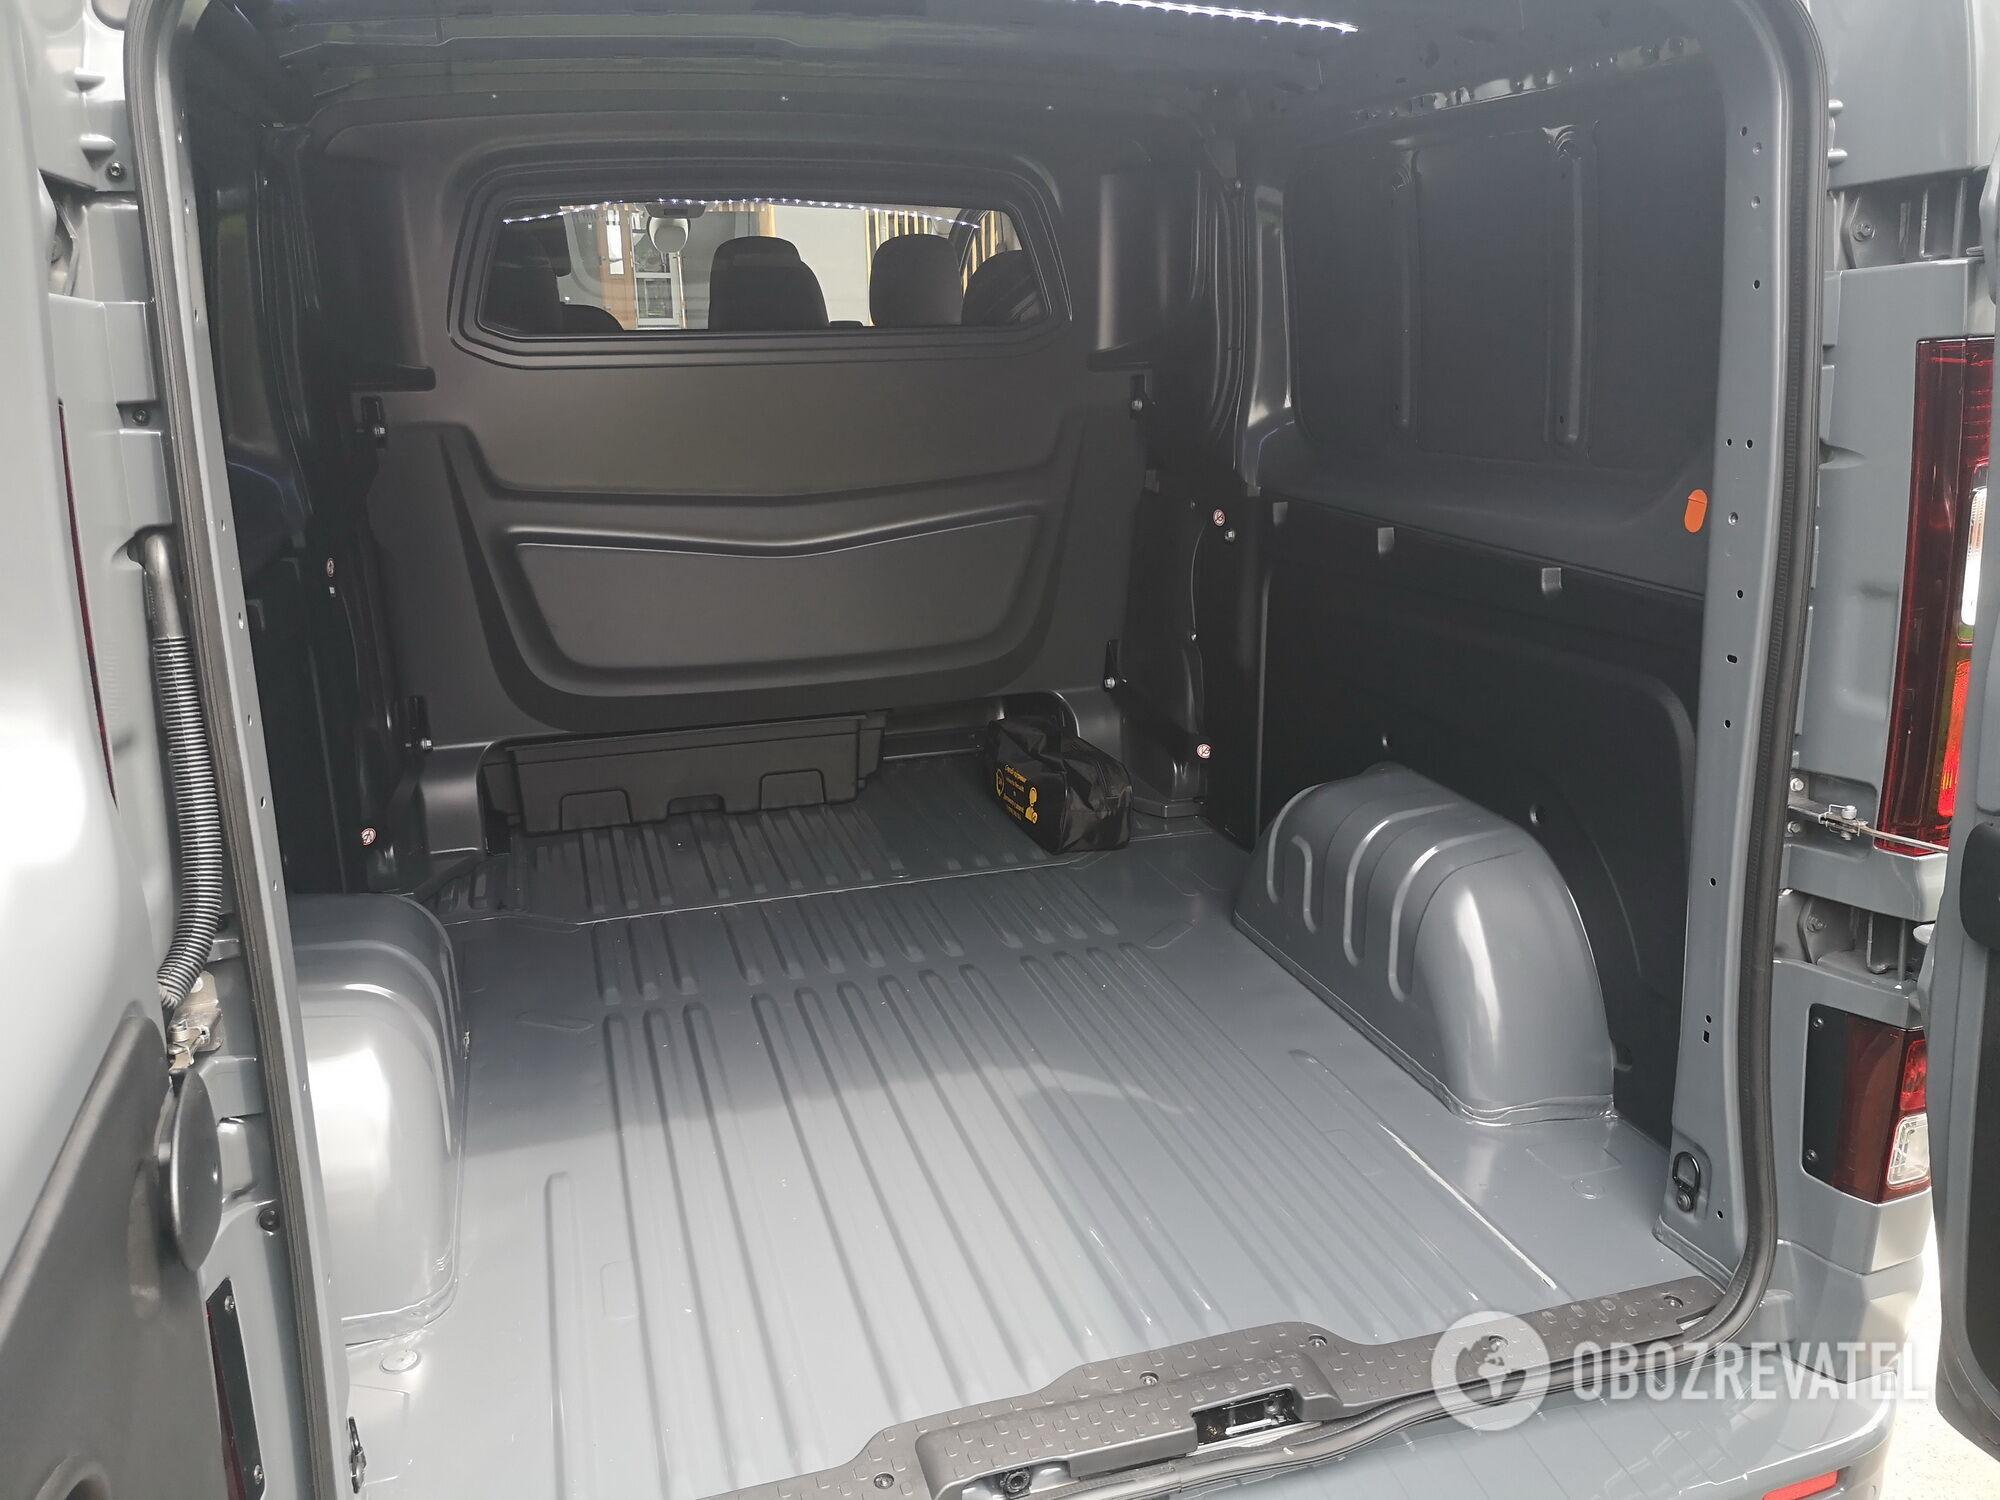 Полезный объем грузового отделения достигает 6 м3, грузоподъемность составляет 1199 кг